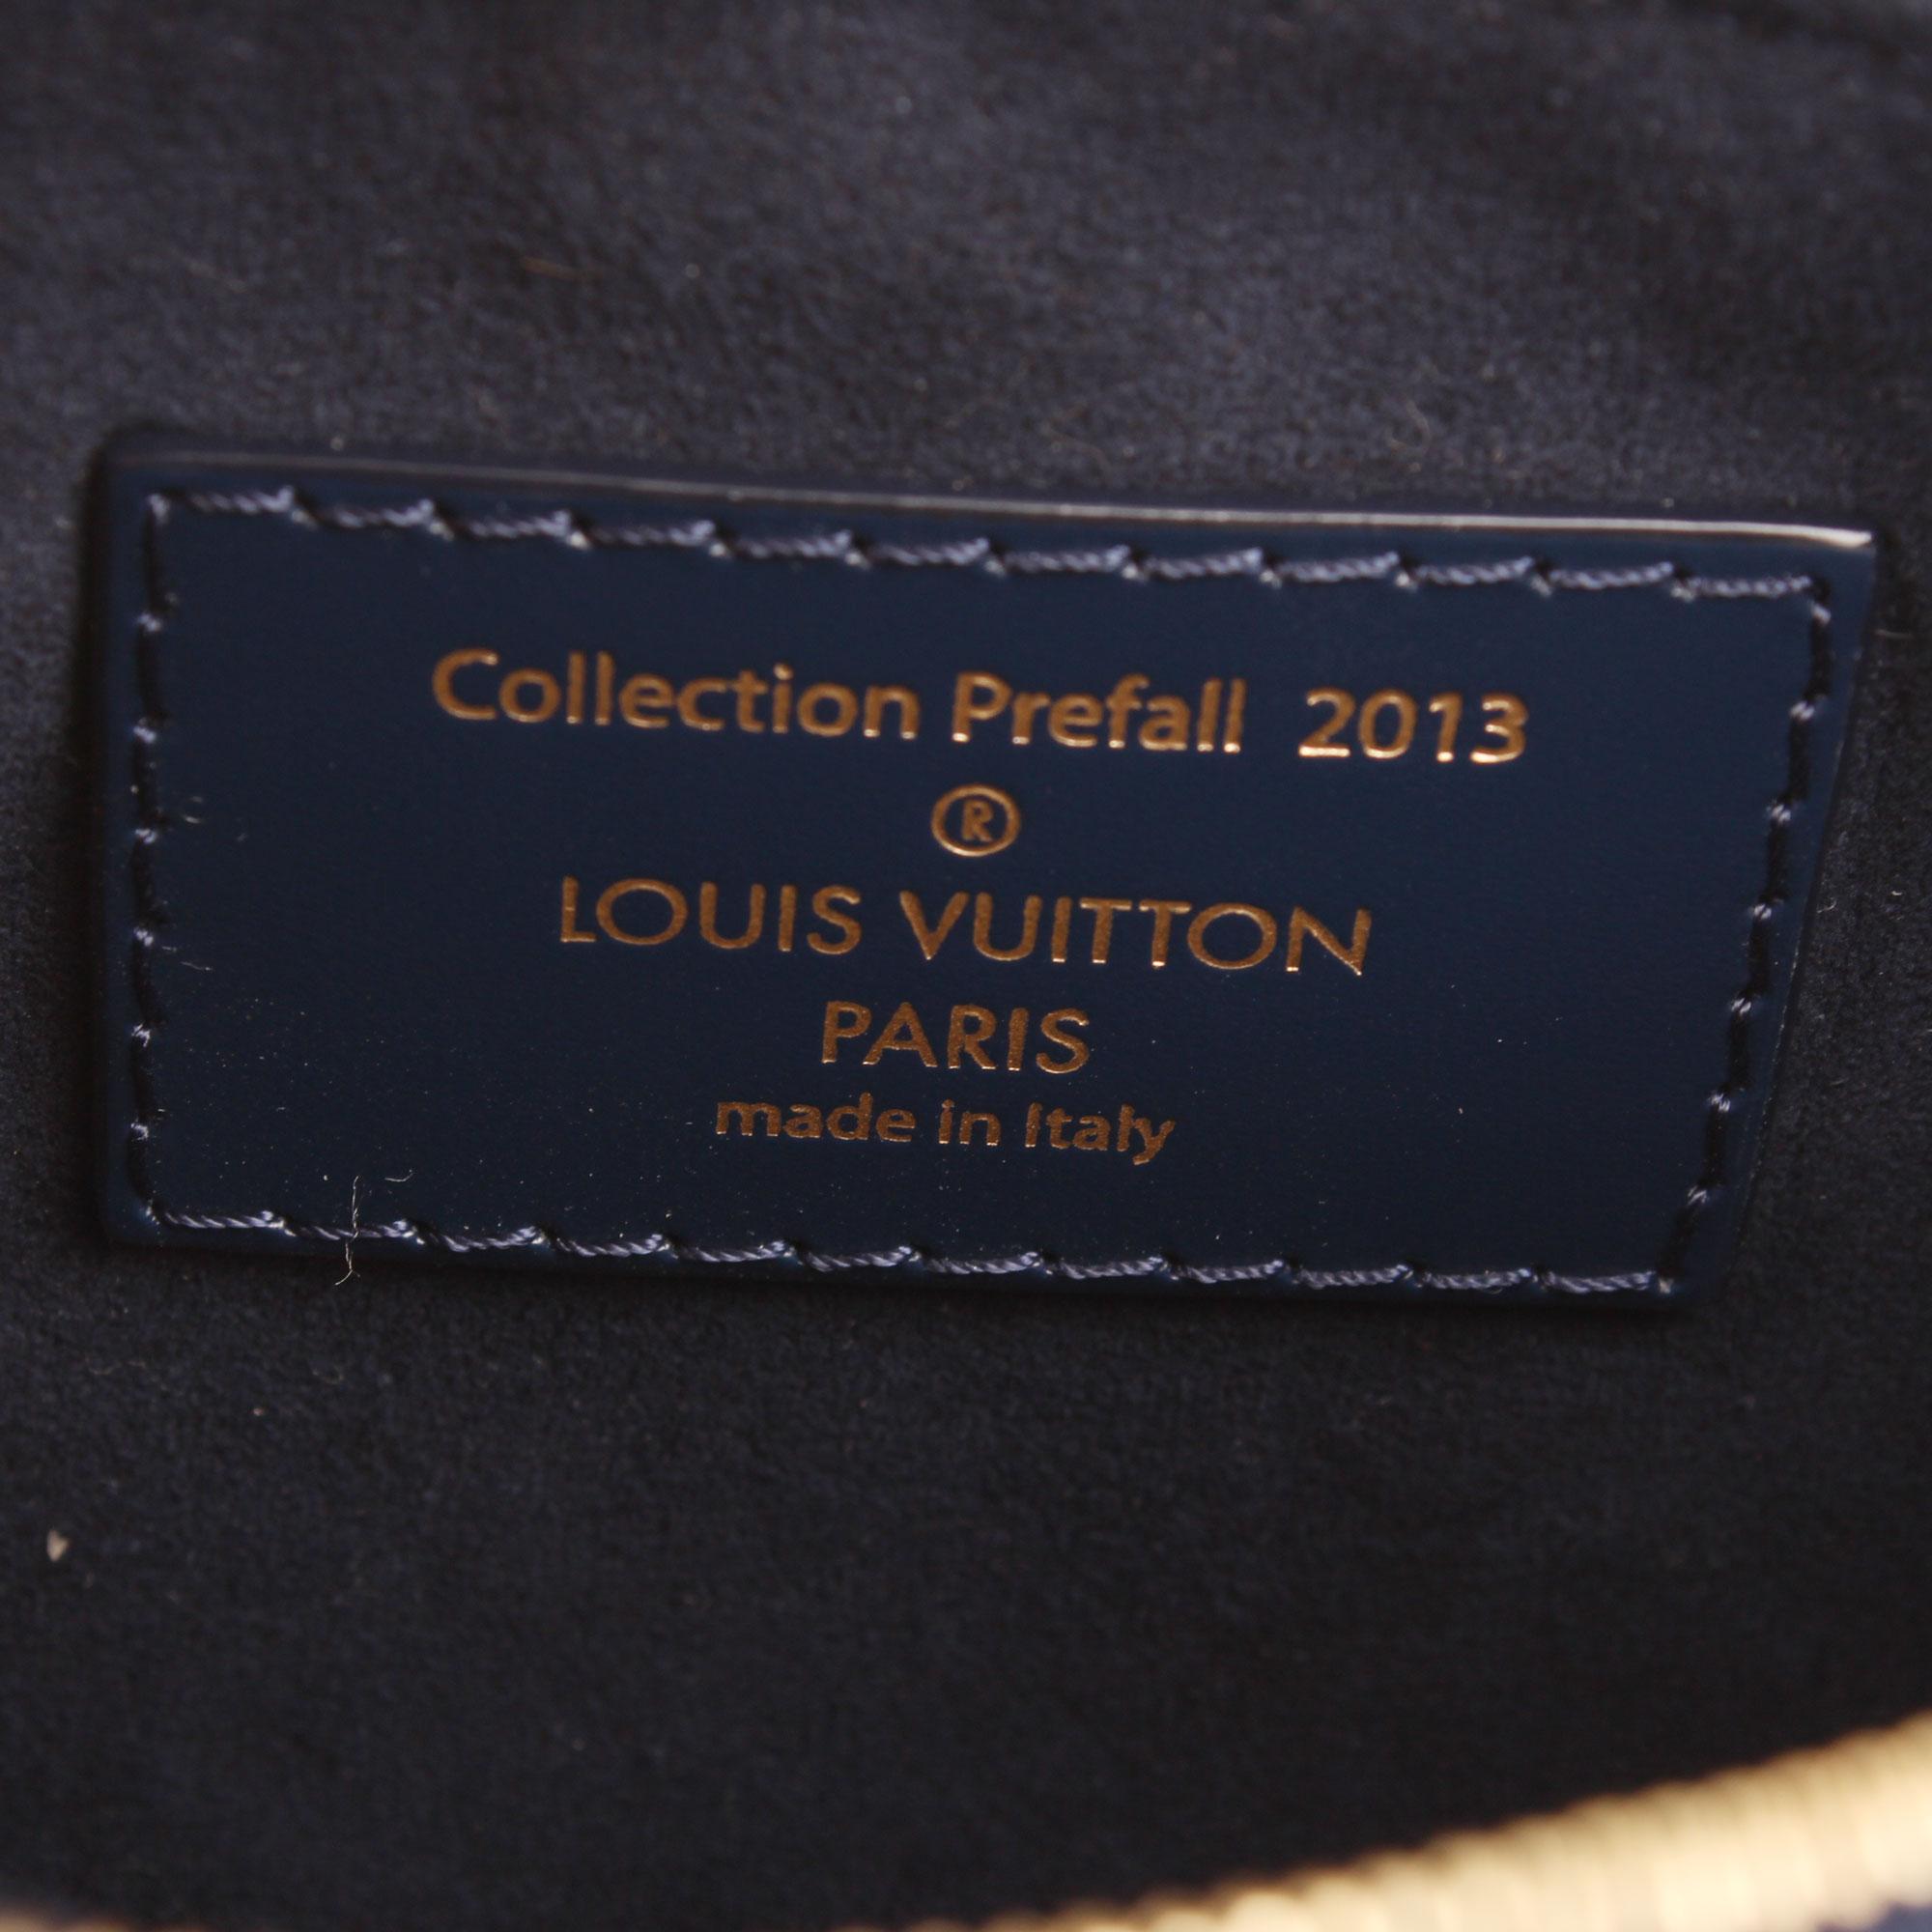 Imagen de la etiqueta interior de la pochette louis vuitton damier paillettes mini accessories